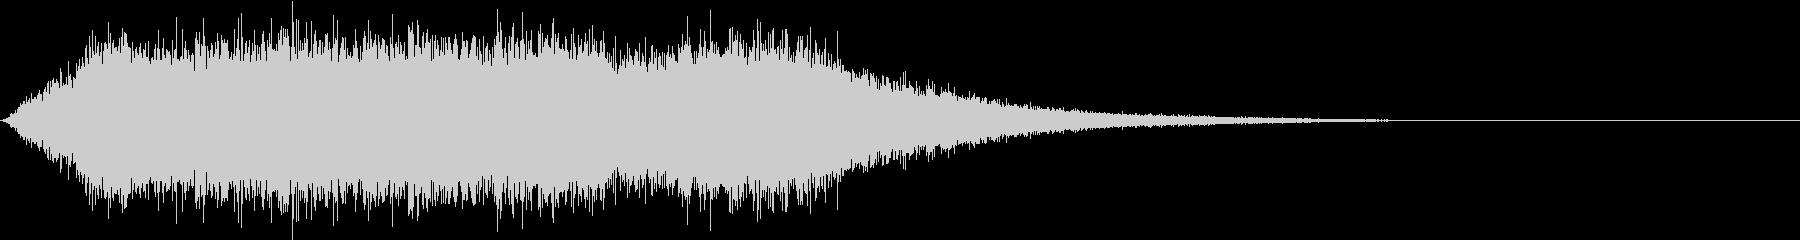 シューッという音EC07_91_3の未再生の波形